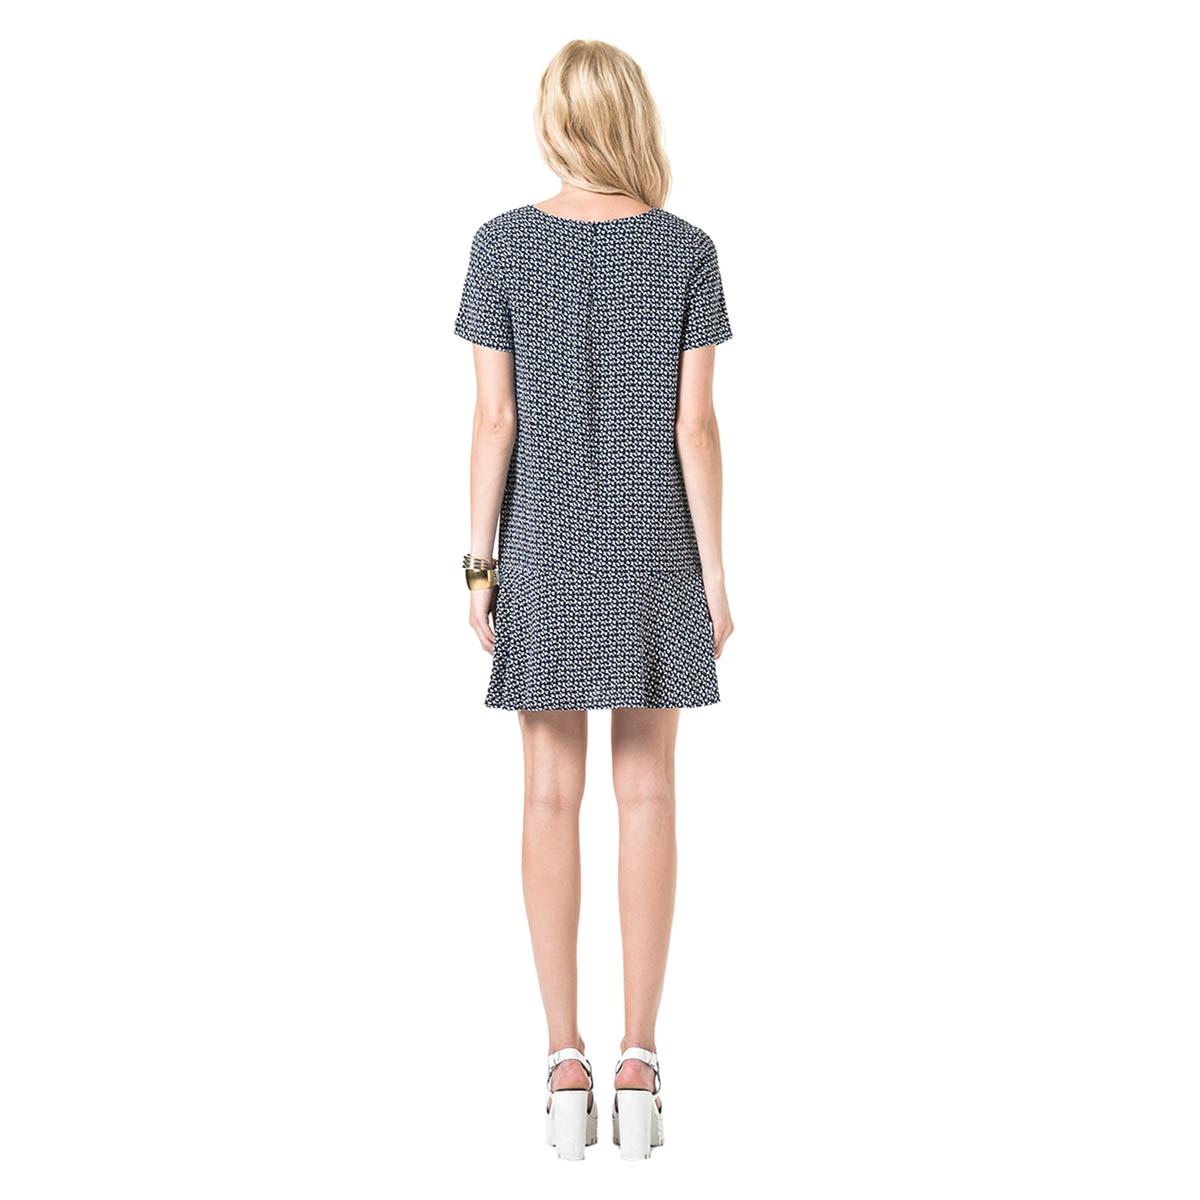 Платье расклешенного покроя с короткими рукавамиДетали  •  Форма : расклешенная   •  Длина до колен •  Короткие рукава    •  Круглый вырезСостав и уход  •  100% вискоза •  Следуйте рекомендациям по уходу, указанным на этикетке изделия<br><br>Цвет: темно-синий<br>Размер: M